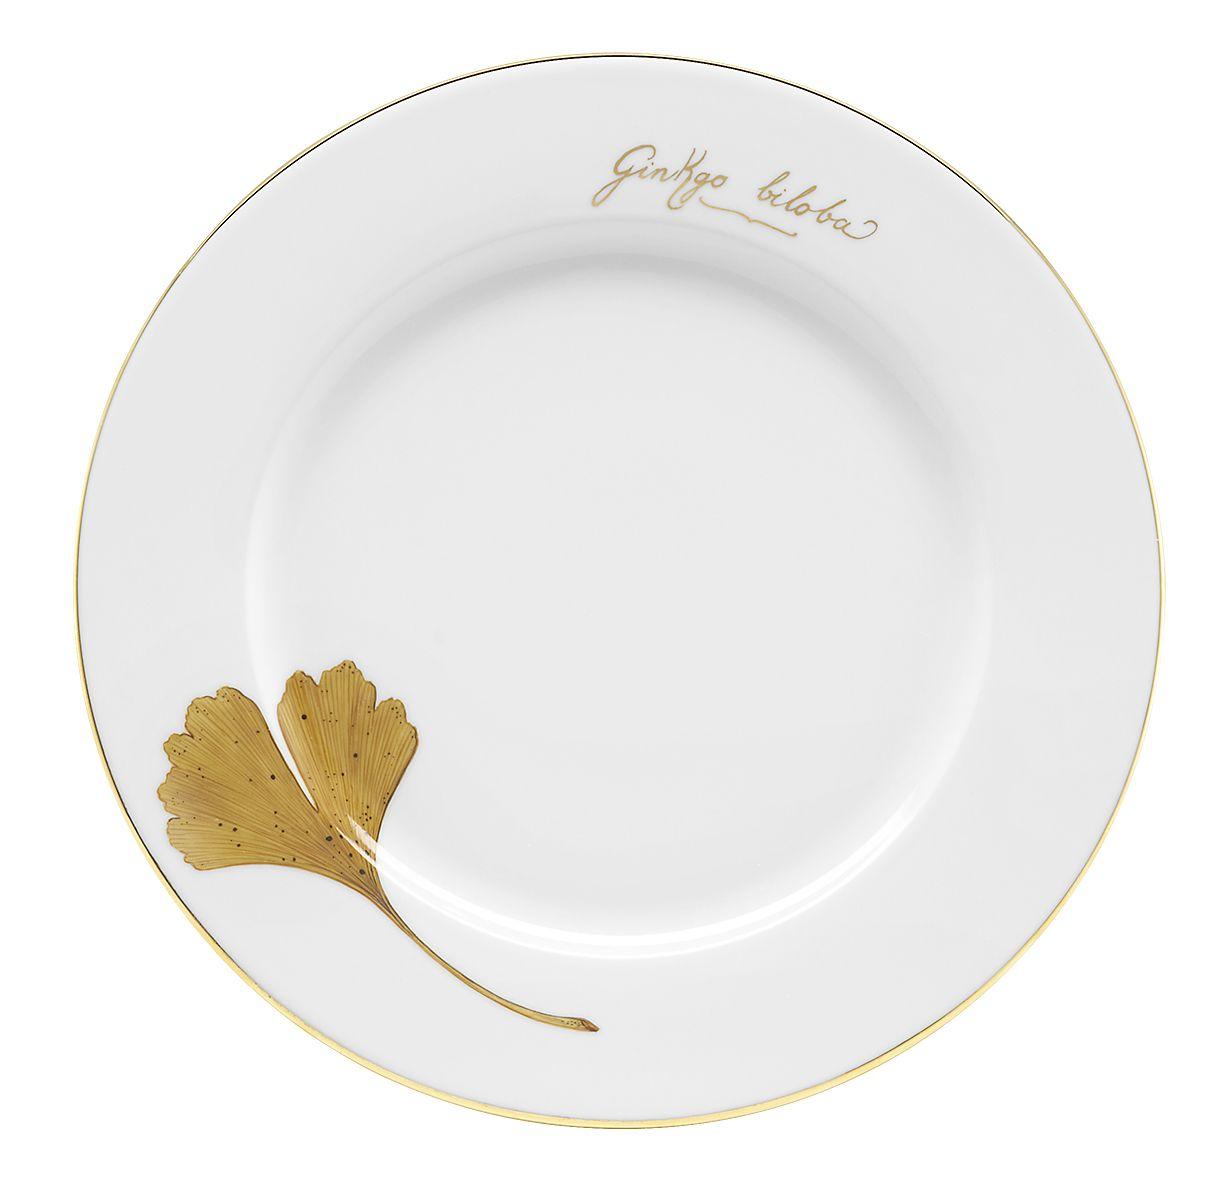 Sven Markus Von Hacht Golde Ginkgo Gingko Ginkgo Tableware